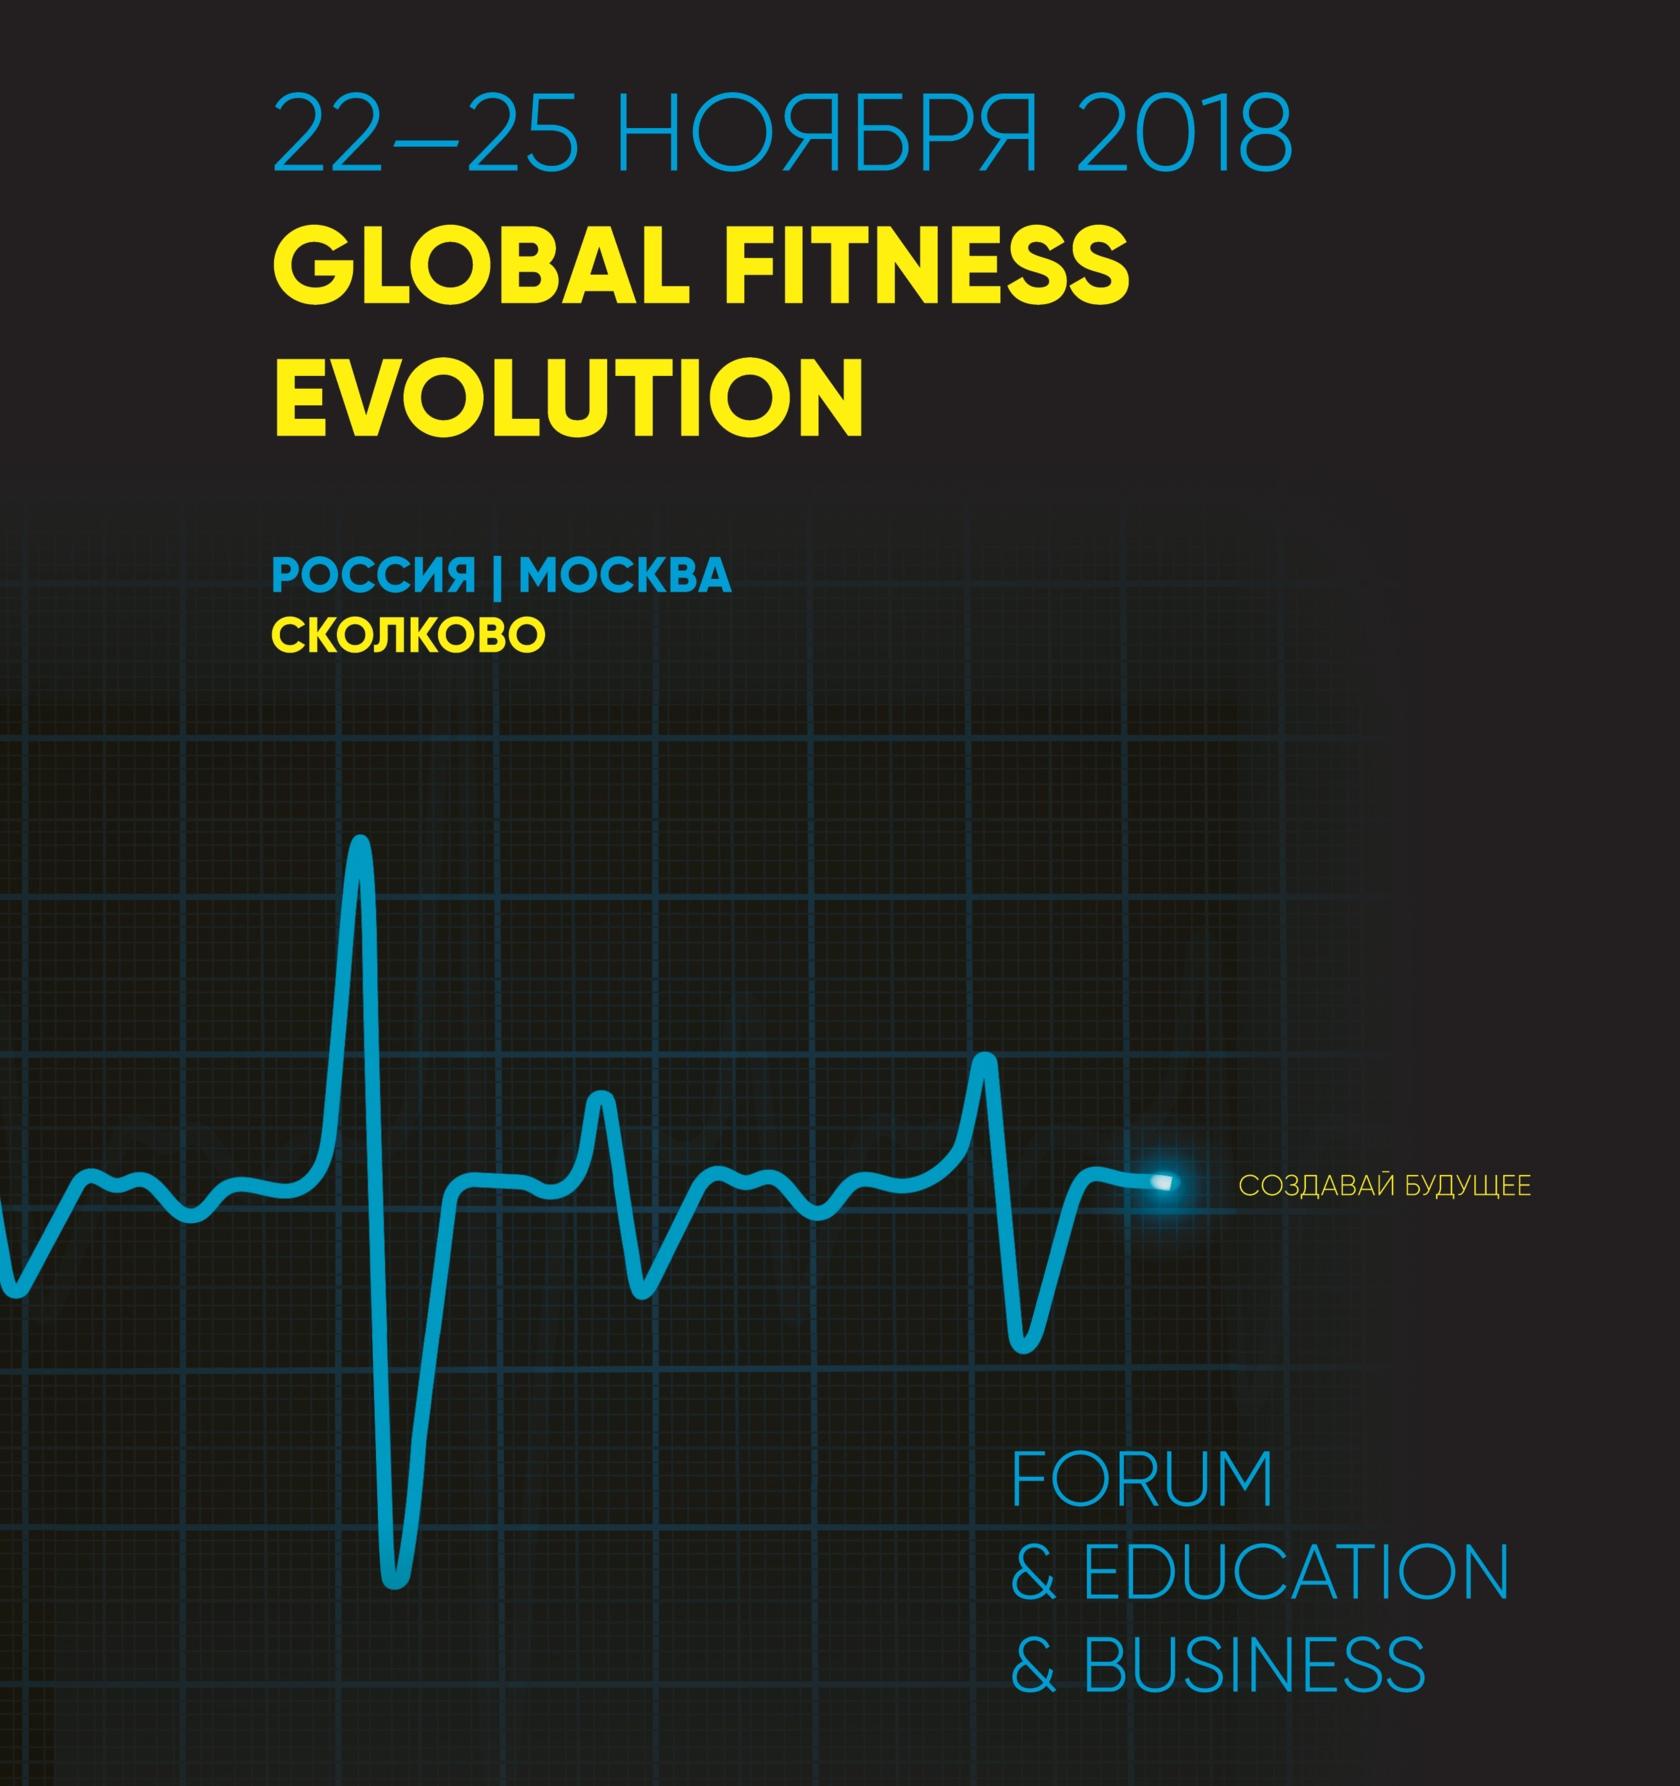 Грандиозный розыгрыш от 1С:Фитнес клуб на Global Fitness Evolution в Сколково 23-24 ноября